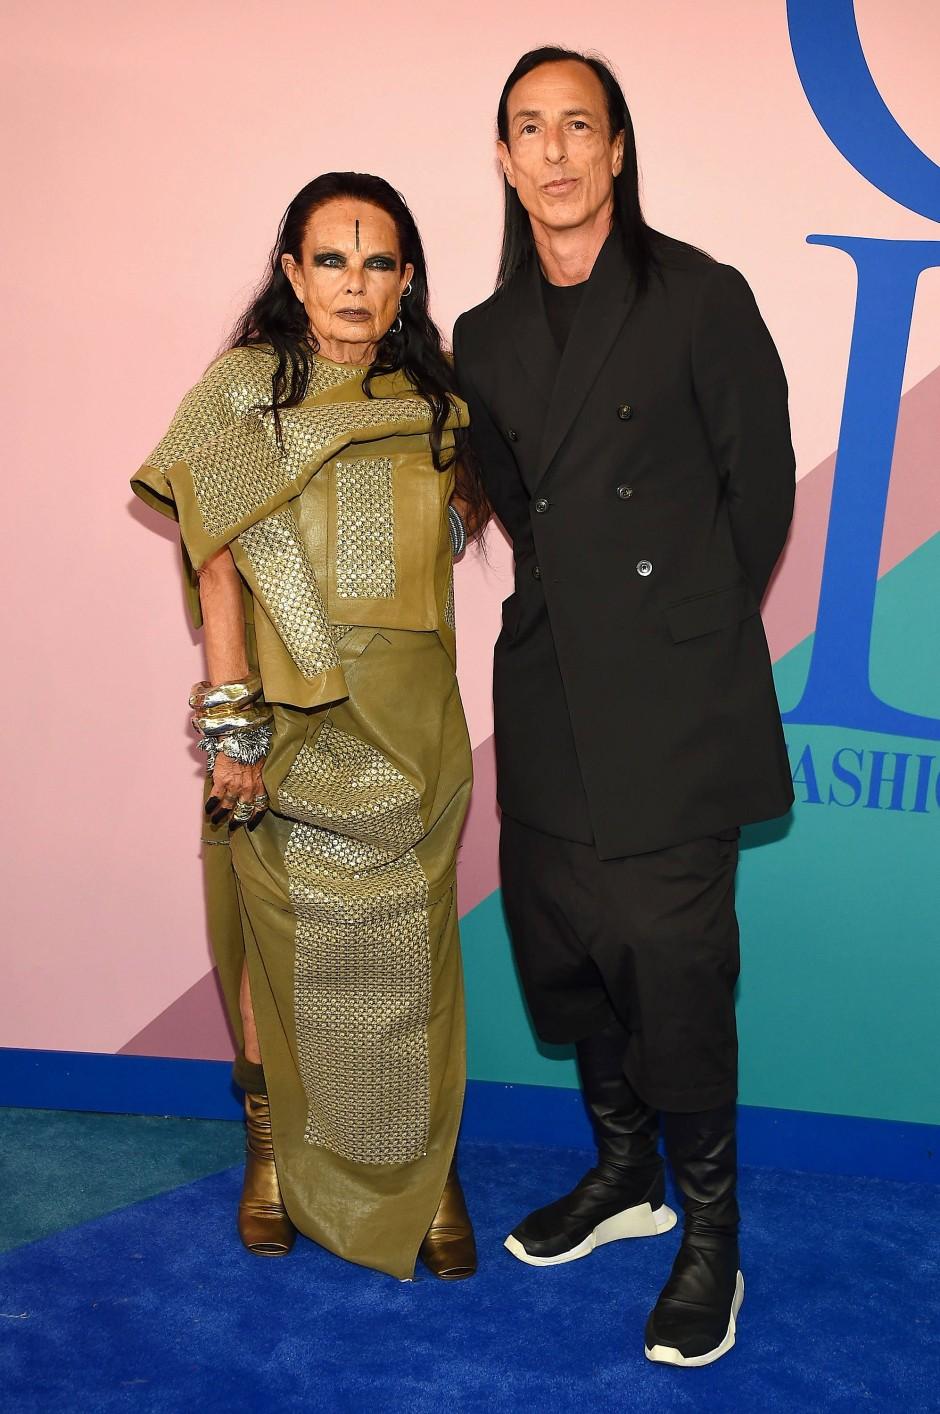 Bei der Launch-Party in Los Angeles vertraute Designer Rick Owens ganz auf seine Frau Michèle Lamy.